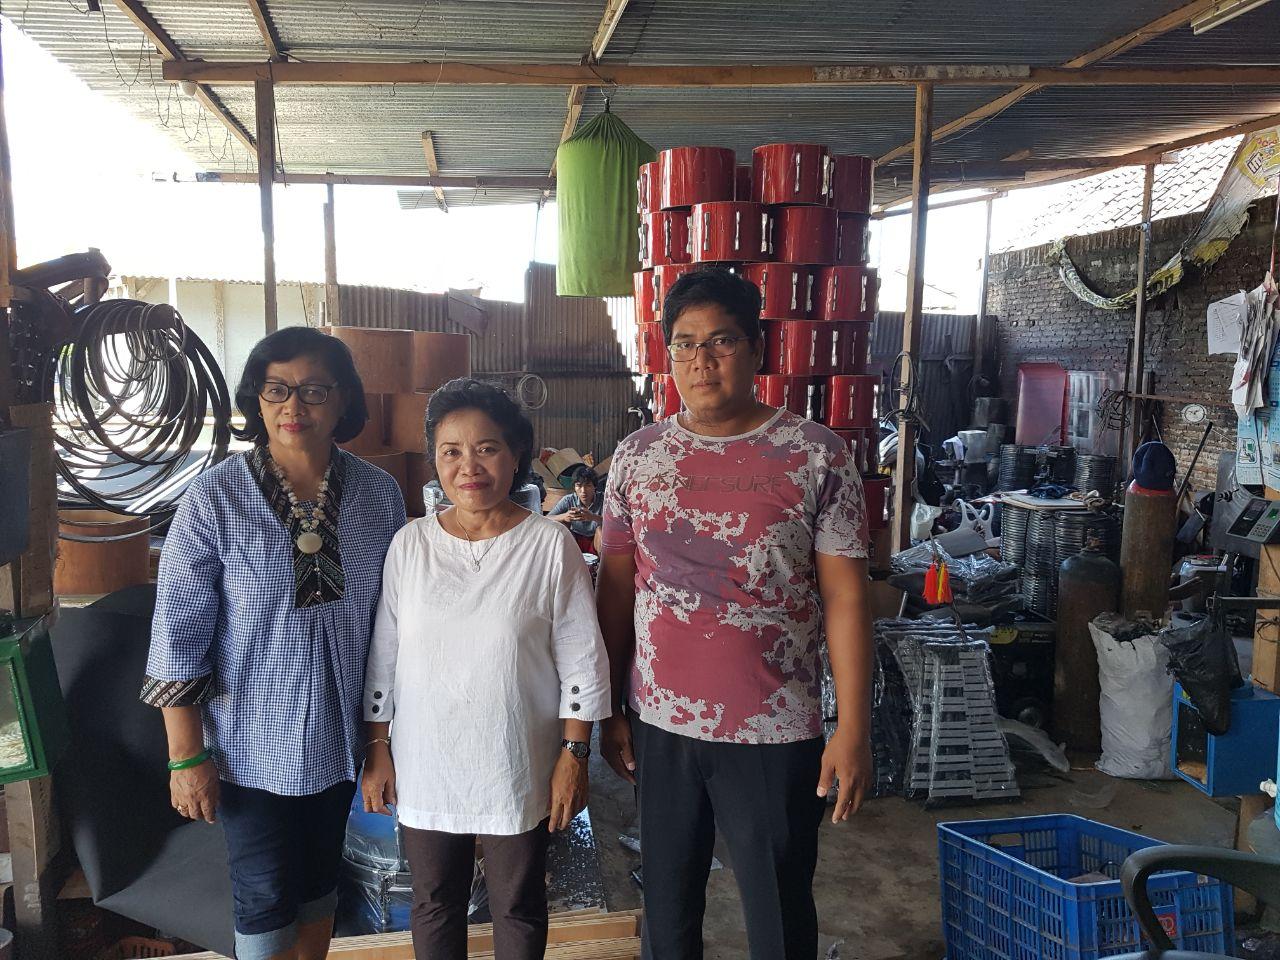 Kunjungan SMP YKST, Poso, Sulawesi Tengah